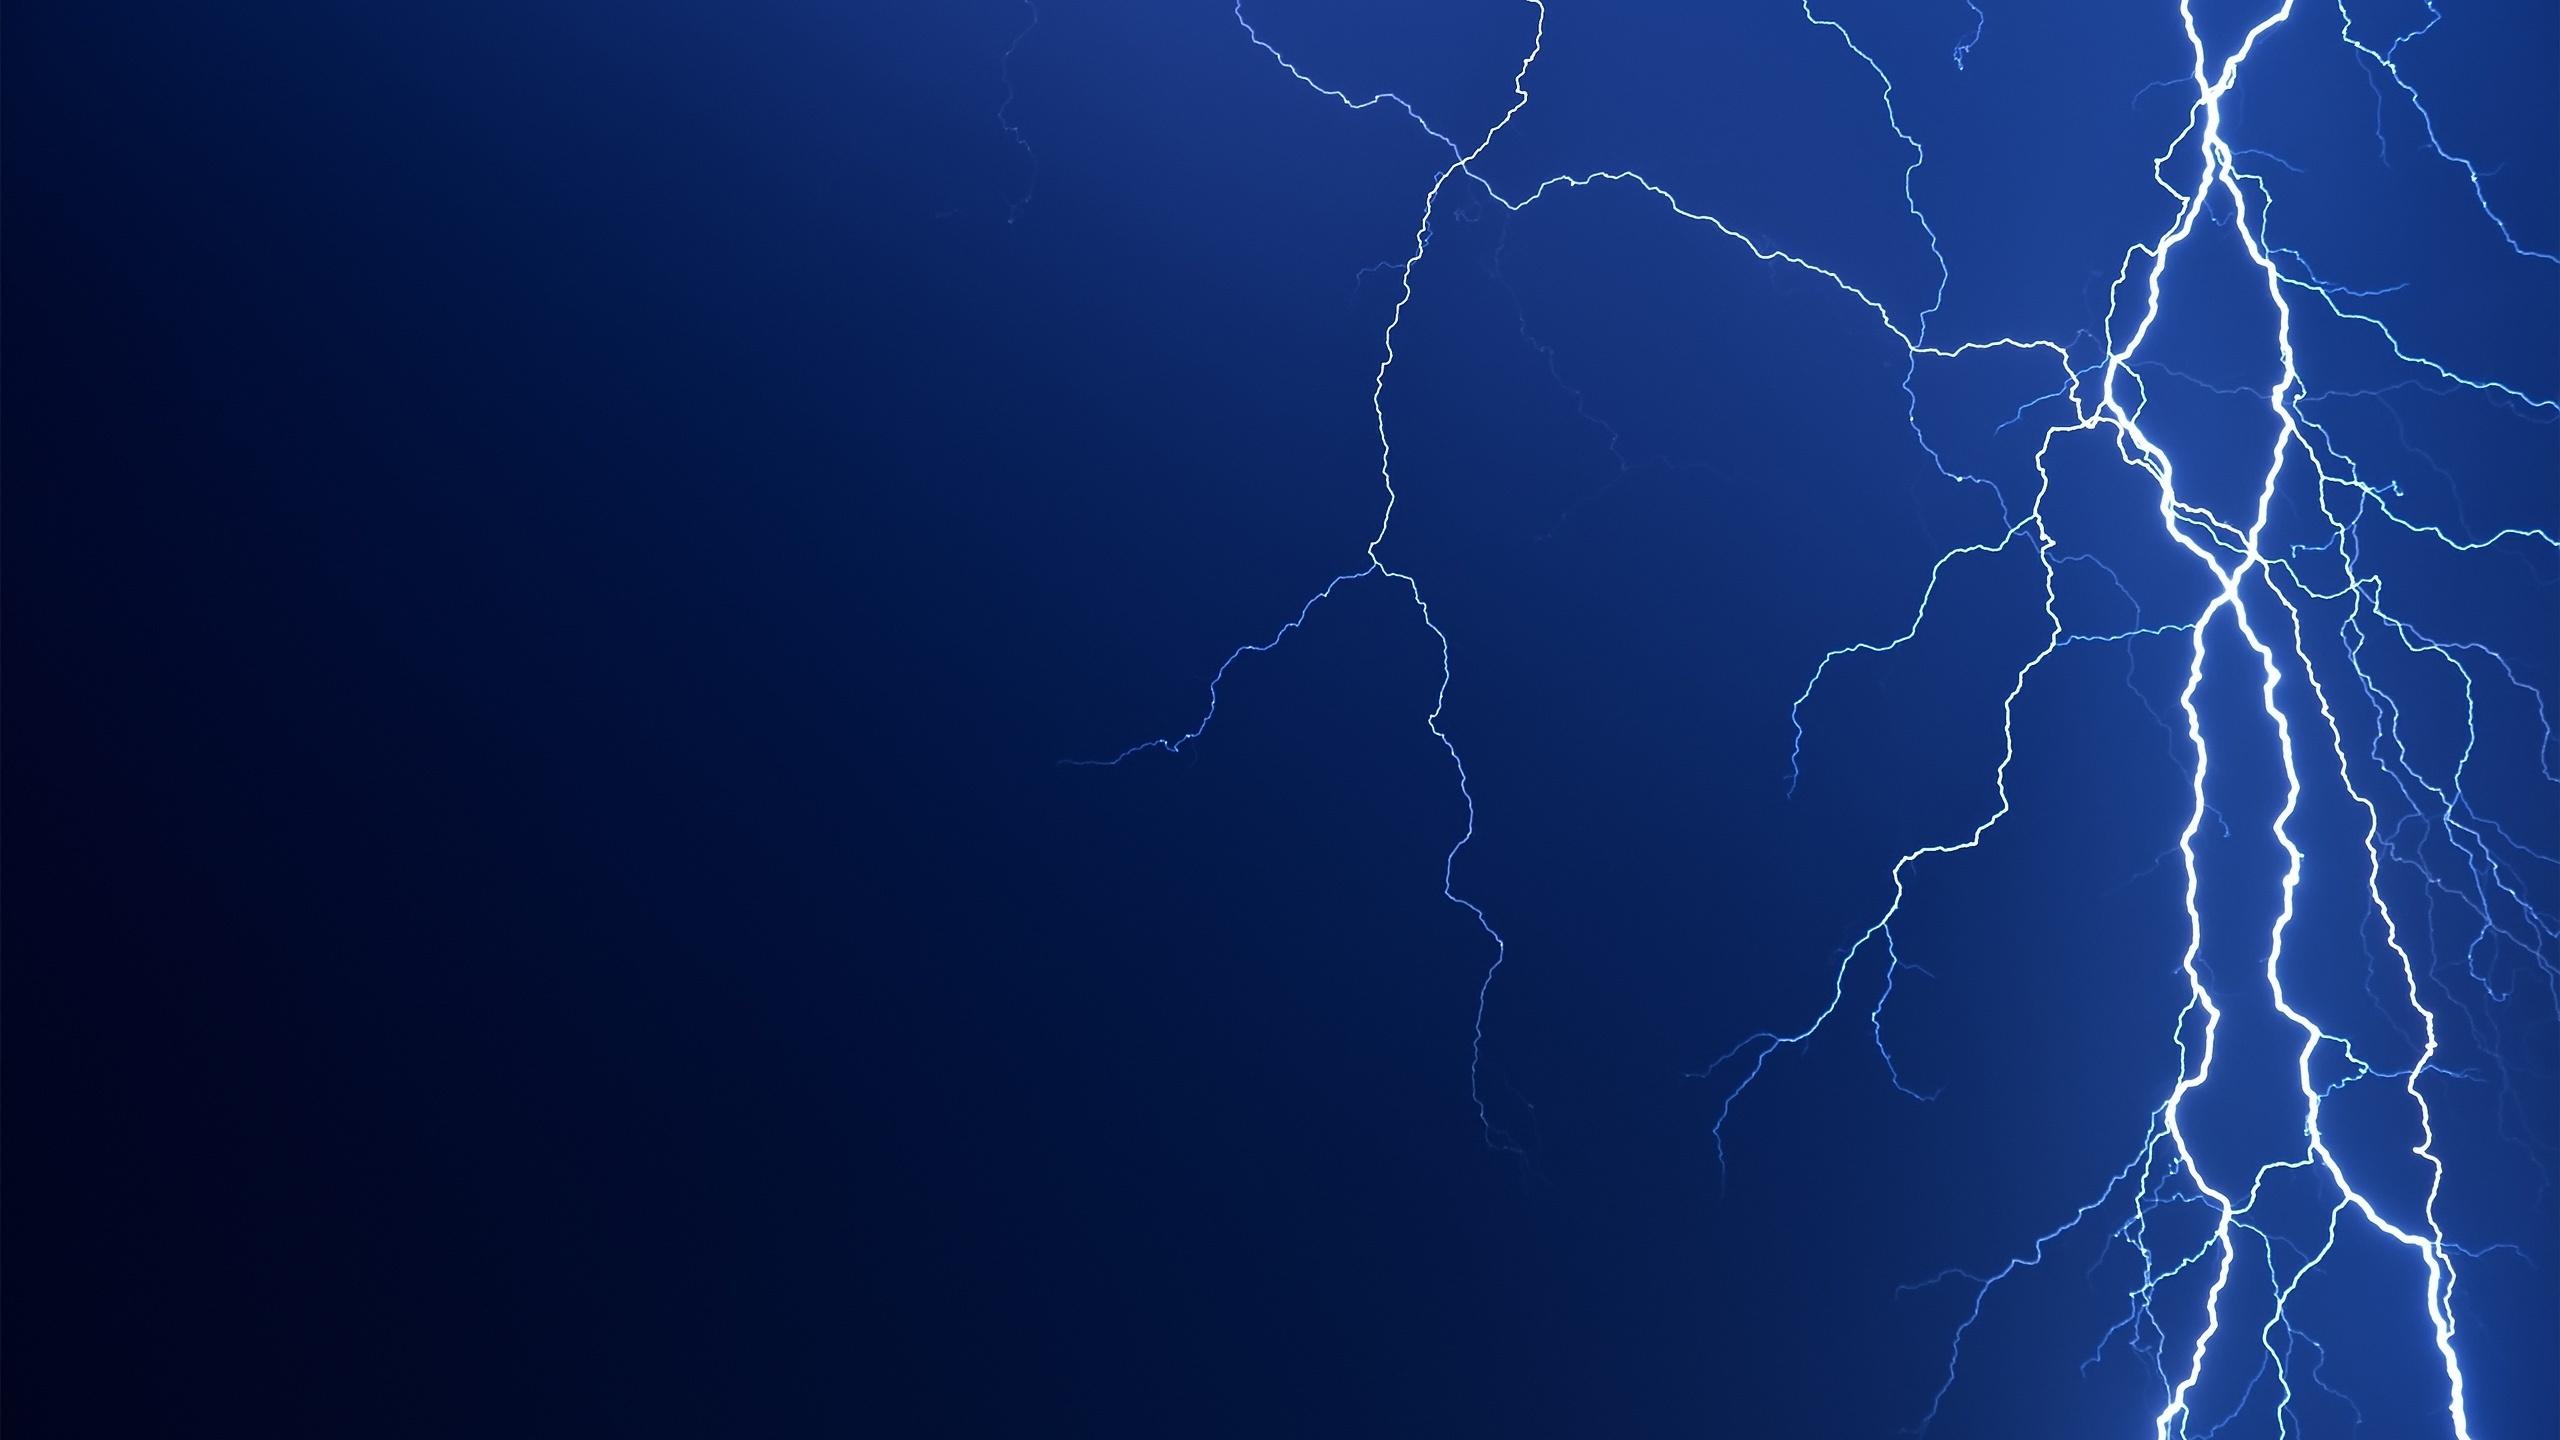 2560x1440 Lightning bolt desktop PC and Mac wallpaper 2560x1440